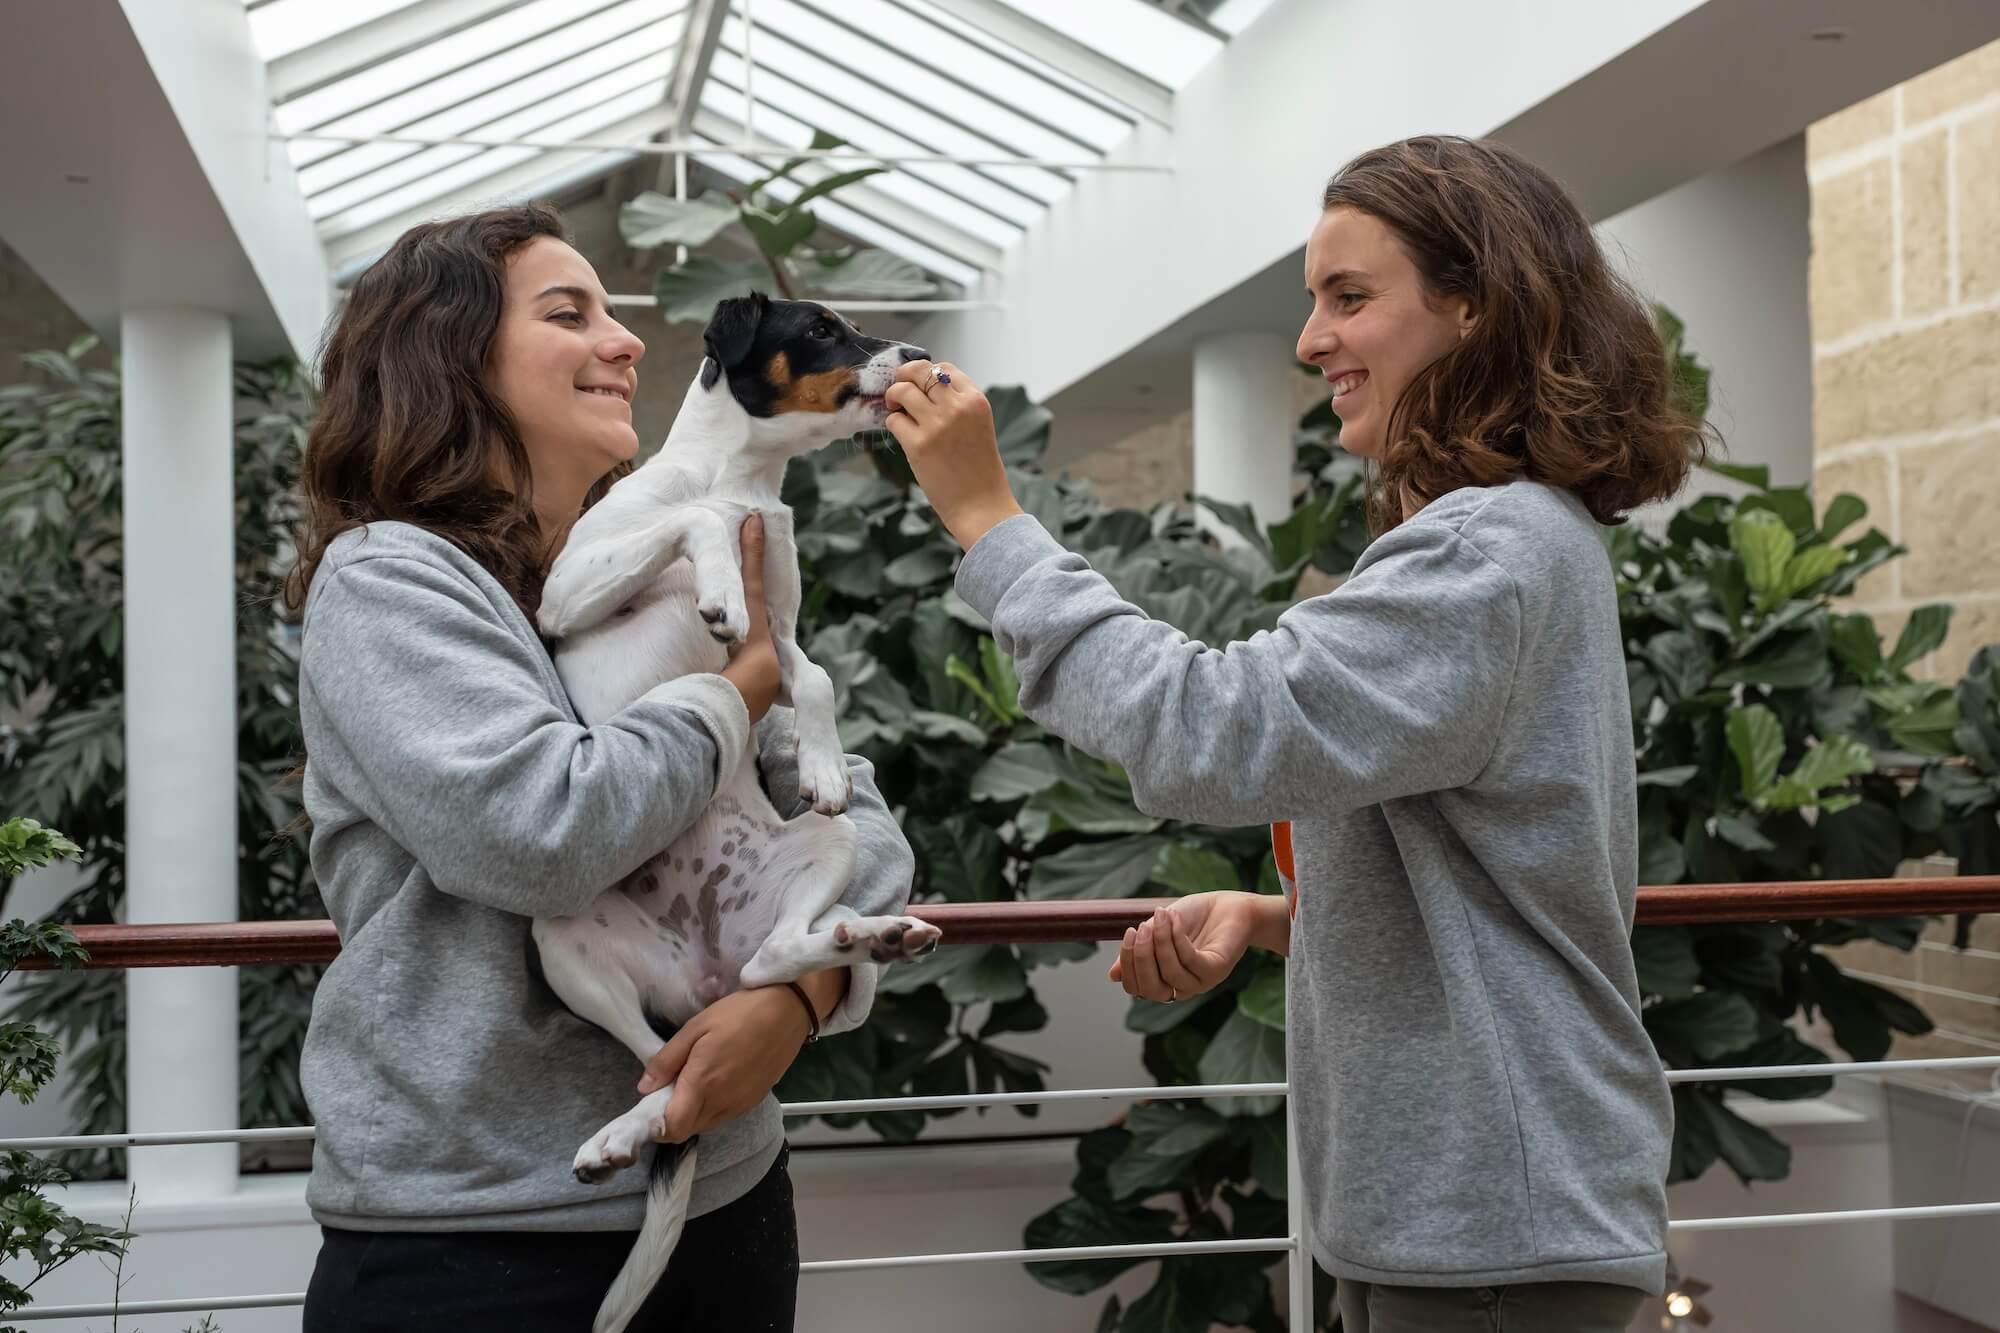 Fondatrices de Tomojo, croquettes pour animaux éco-responsables